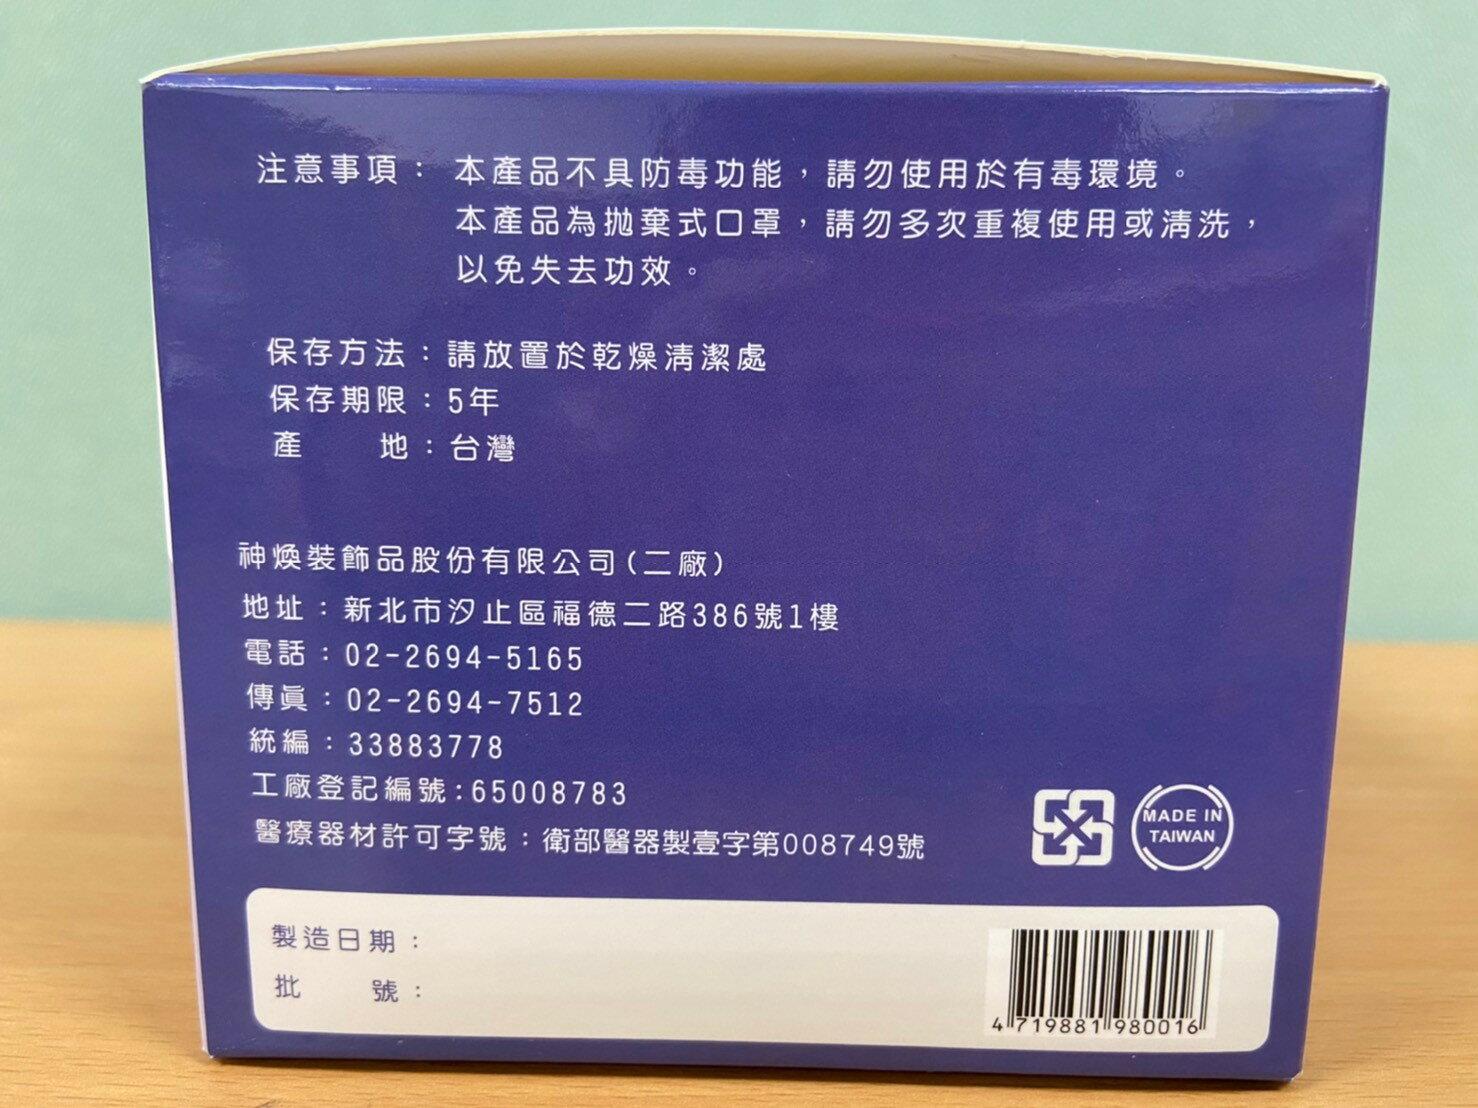 雙鋼印醫療級口罩 50片環保包 拋棄式成人口罩 防水防飛沫 三層口罩  靜電熔噴布 不含「偶氮色料」、不含「游離甲醛」